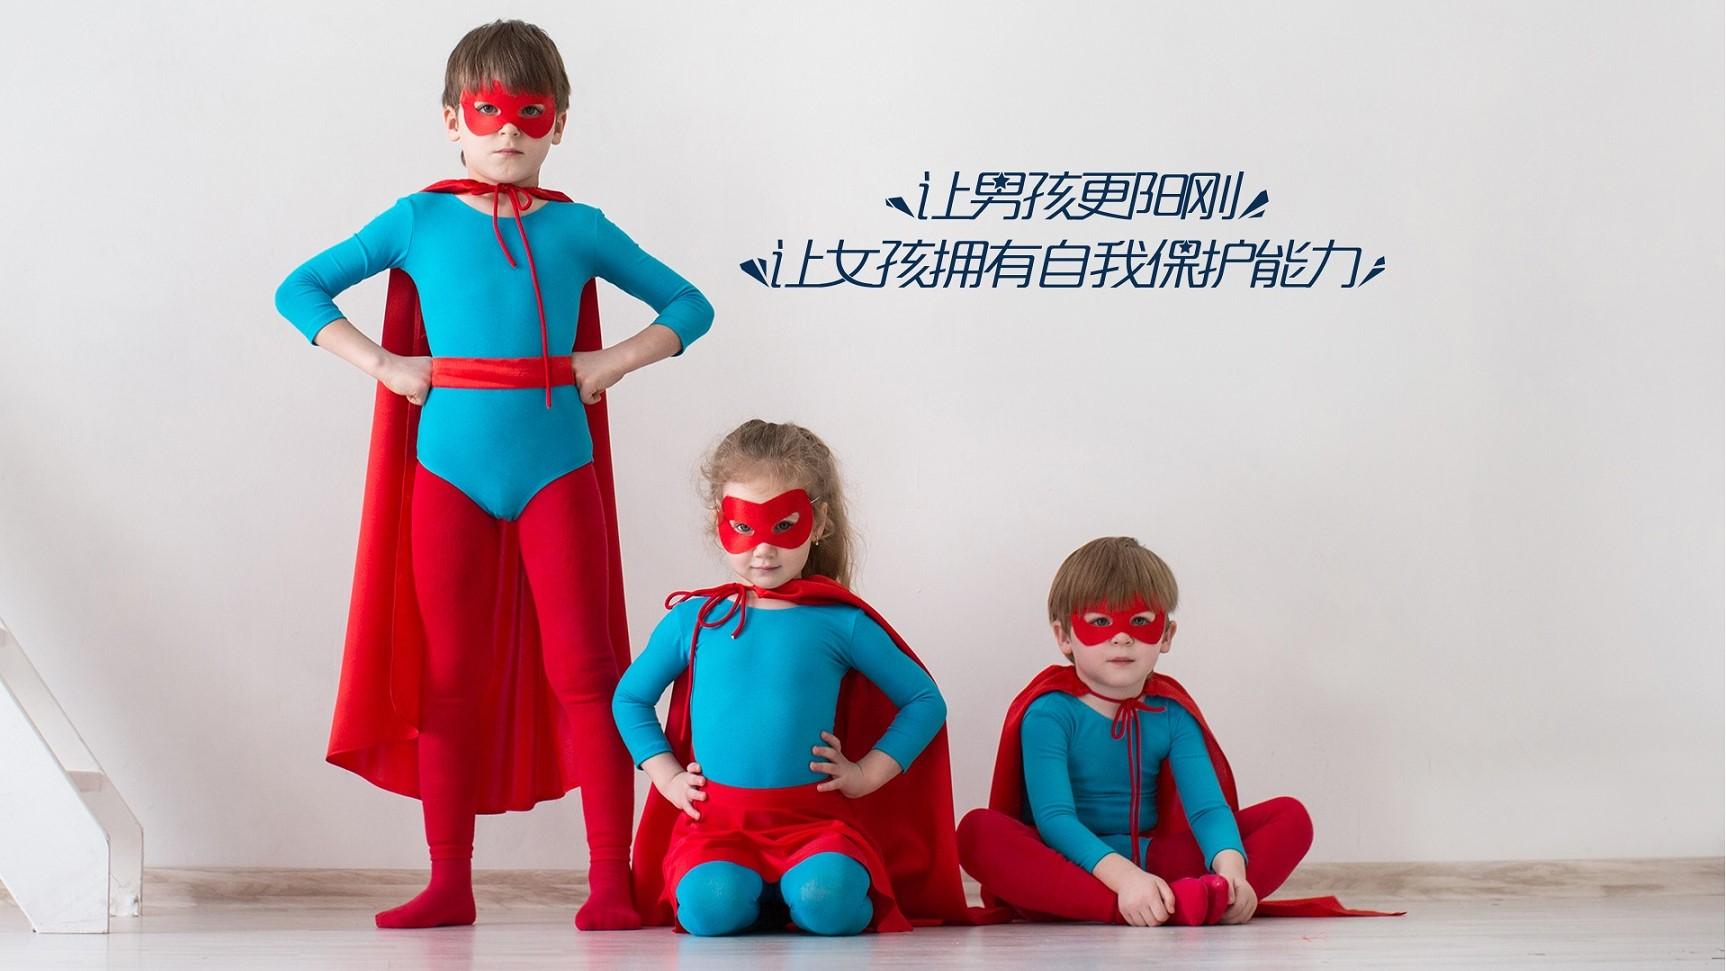 菲动儿童武道体能中心-让男孩更加阳刚让女孩拥有自我保护能力